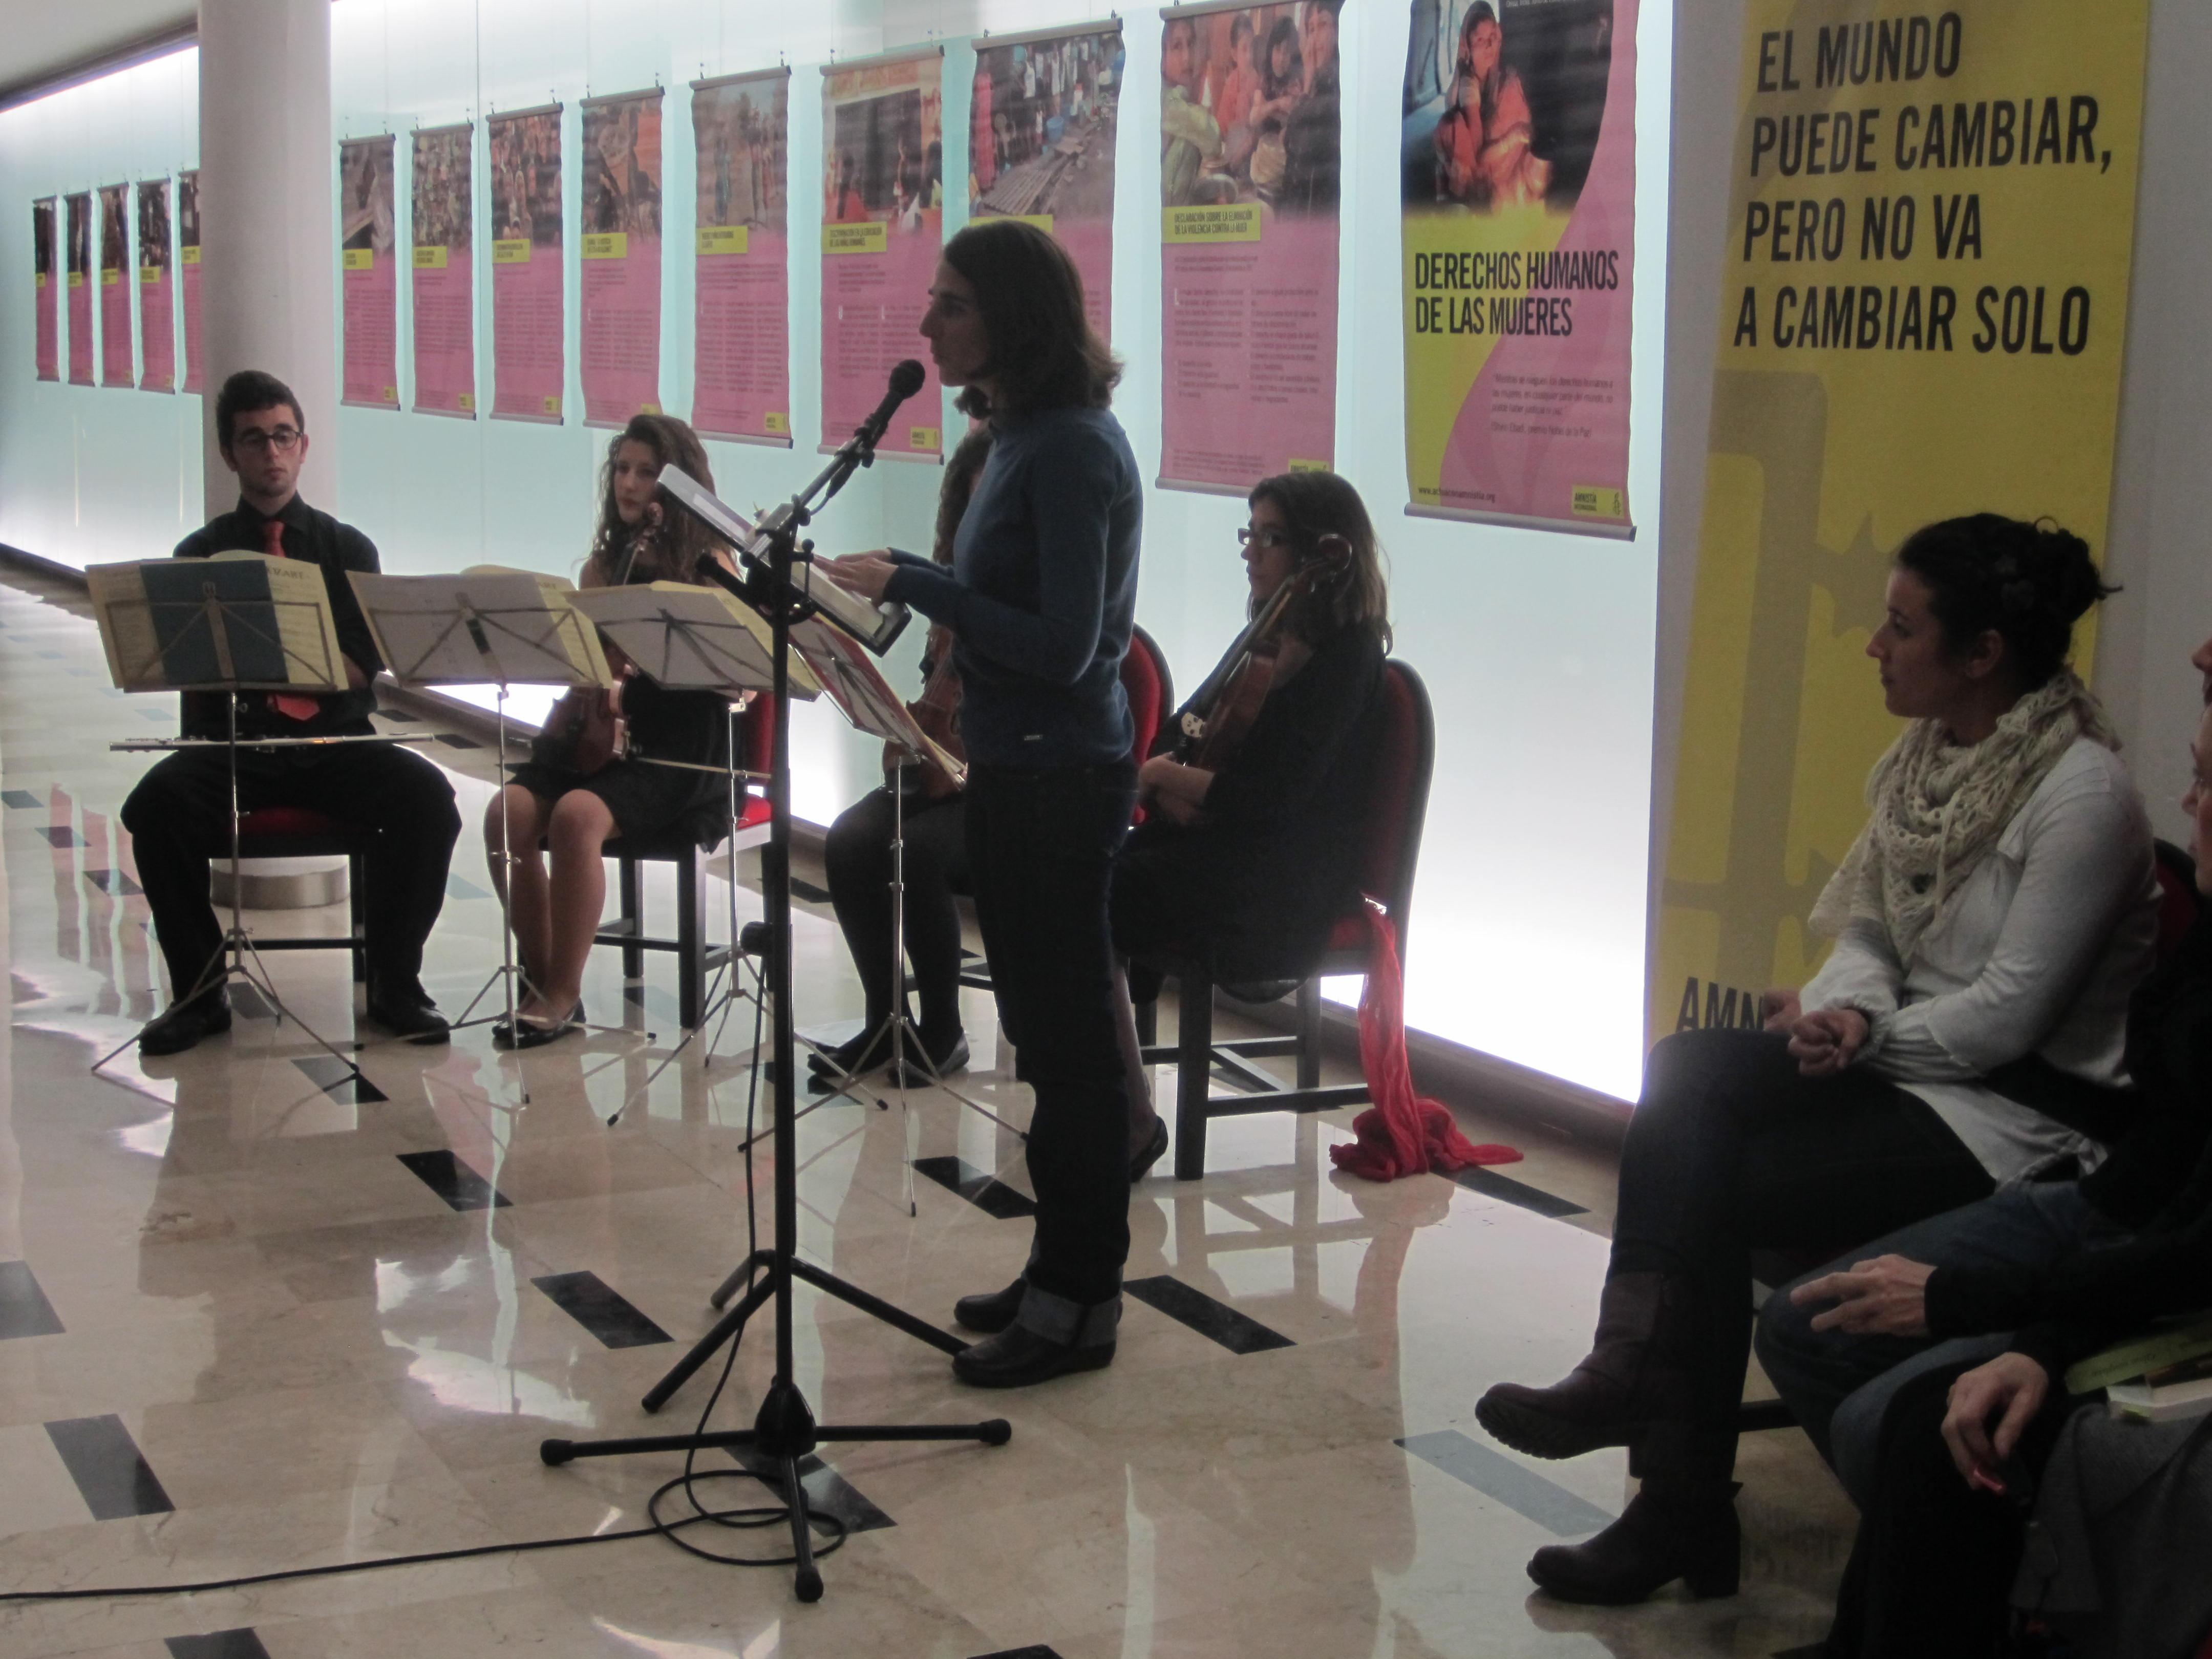 Exposición 'Derechos humanos de las mujeres' organizada por Amnistía Internacional. Granada, febrero de 2013